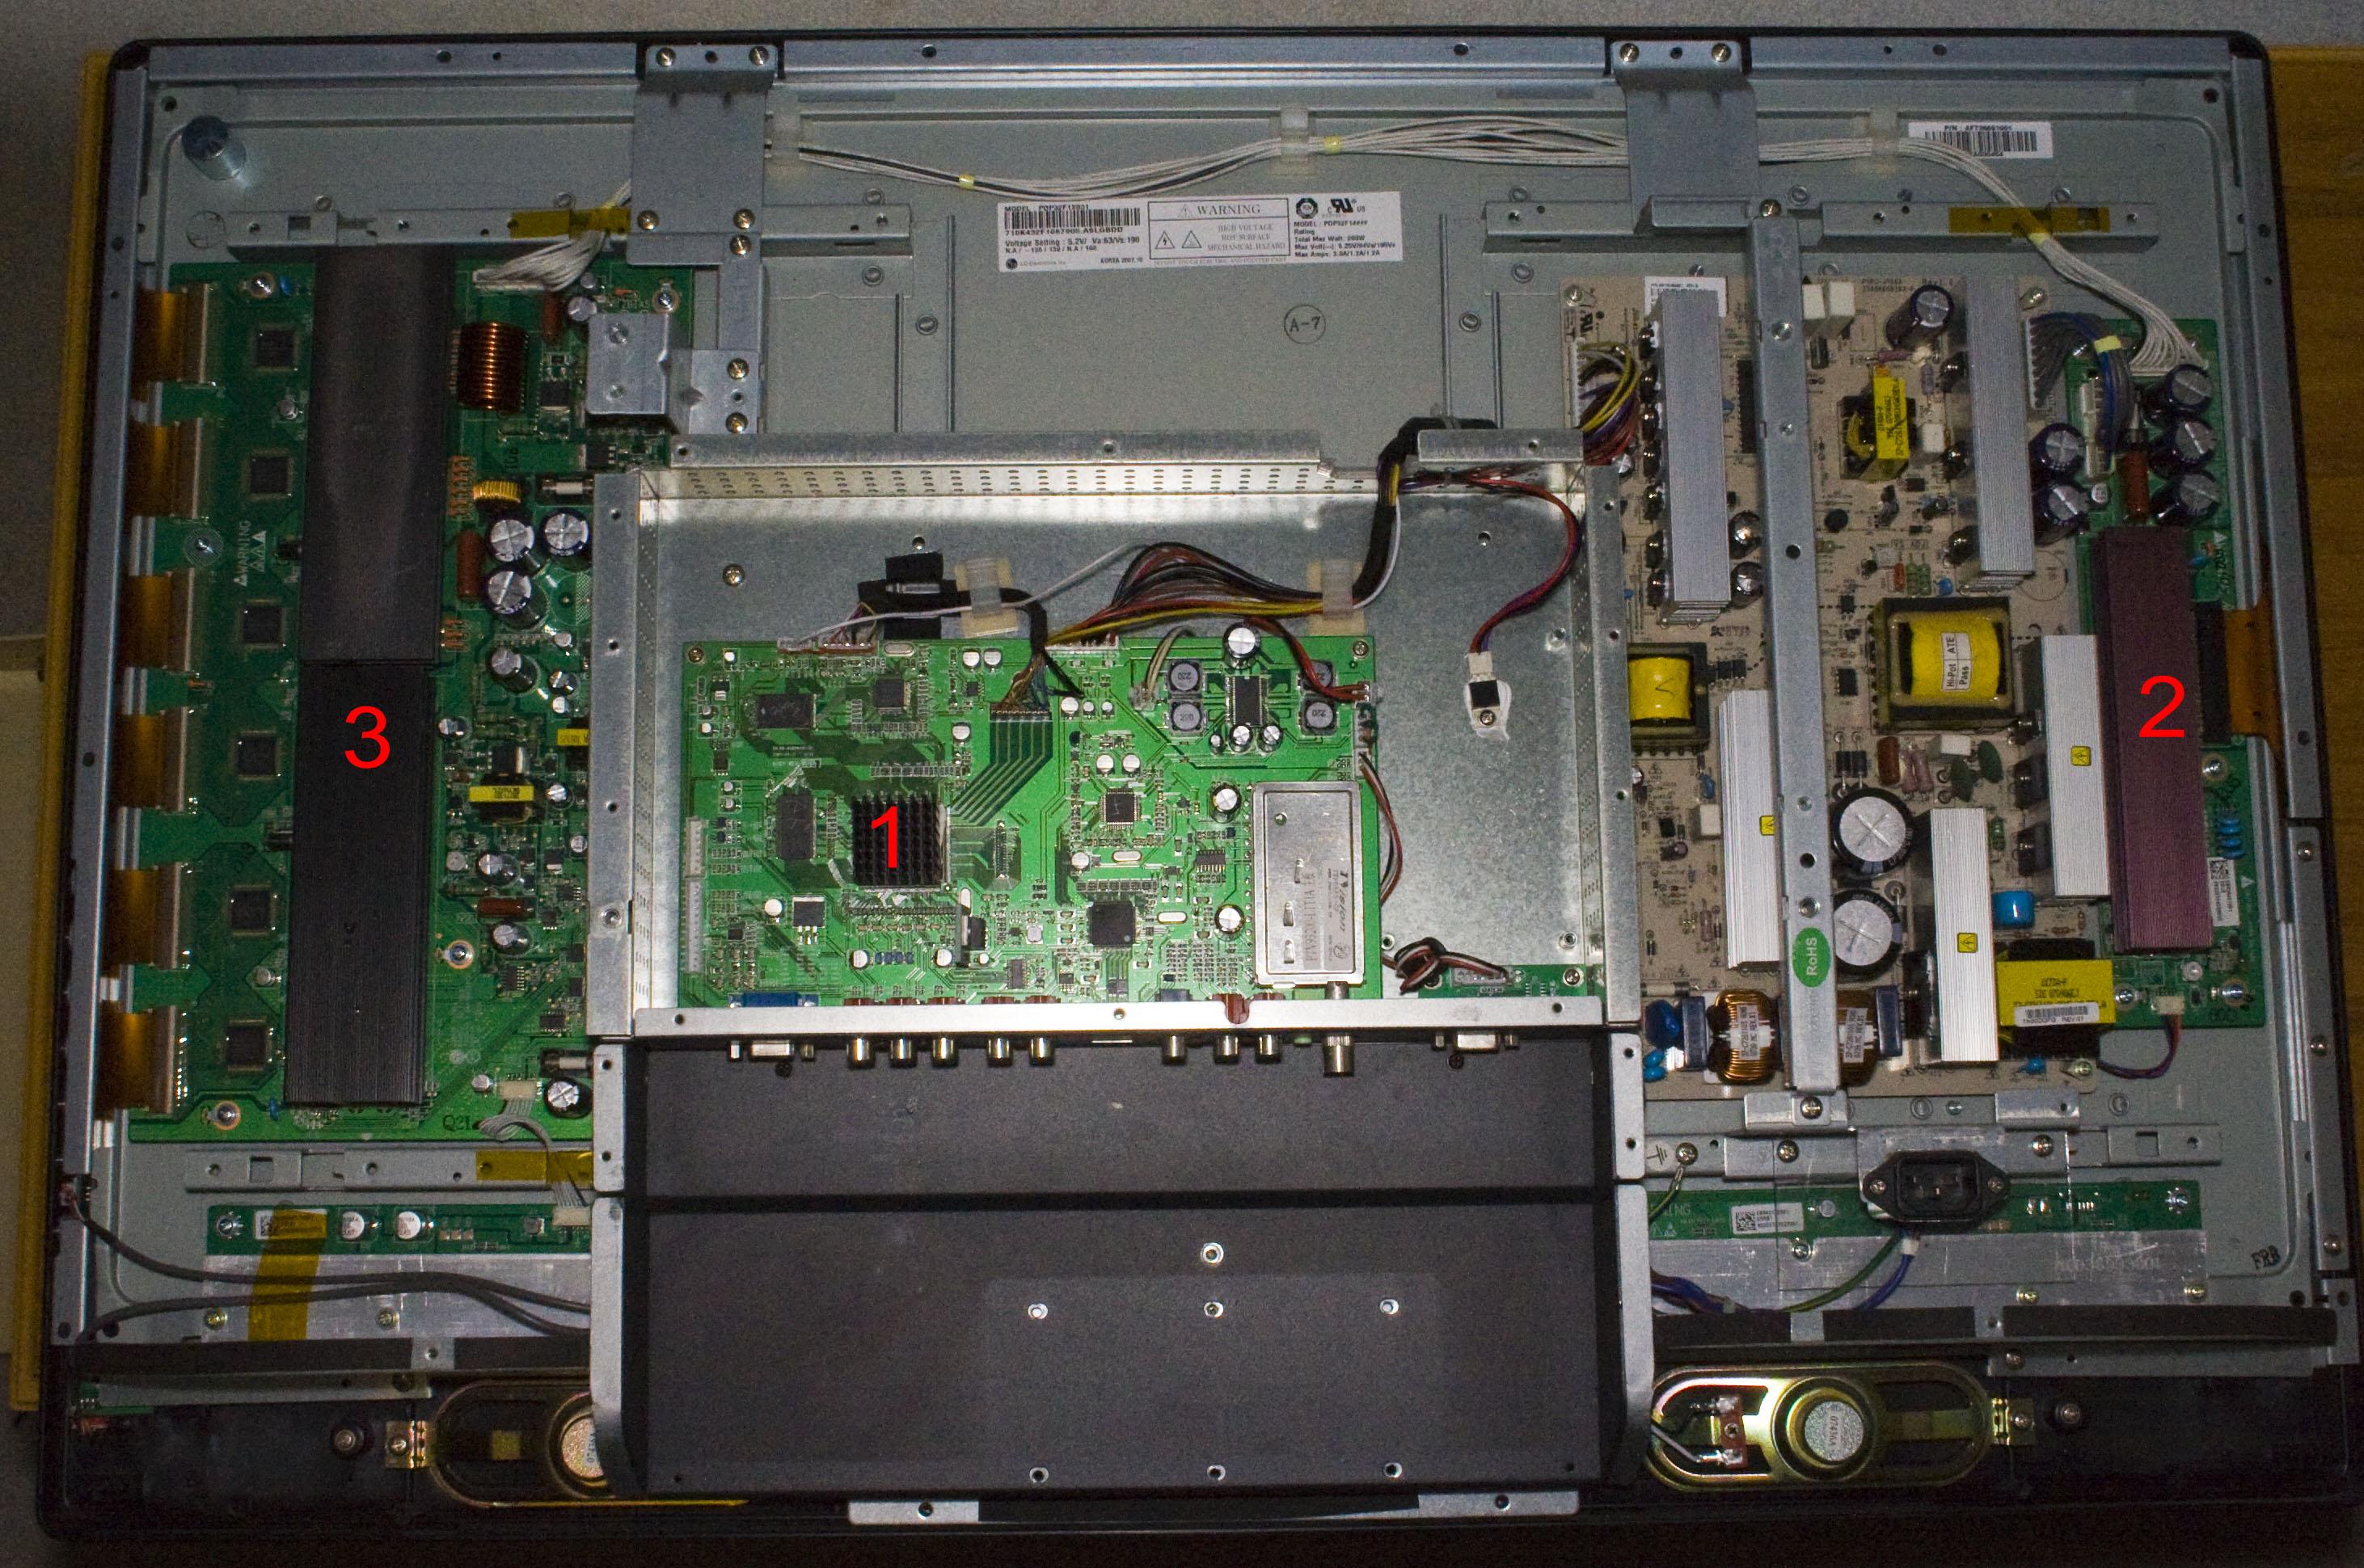 Panasonic tc l39b6 39 1080p led furthermore T A   8 High End Power  lifier also Overview as well 324 Nokia 6500 Slide likewise MLC 433517516 Foco Par 18 Ledrgbdmxluces De Color Para Fiestas Wisat  JM. on led tv audio output